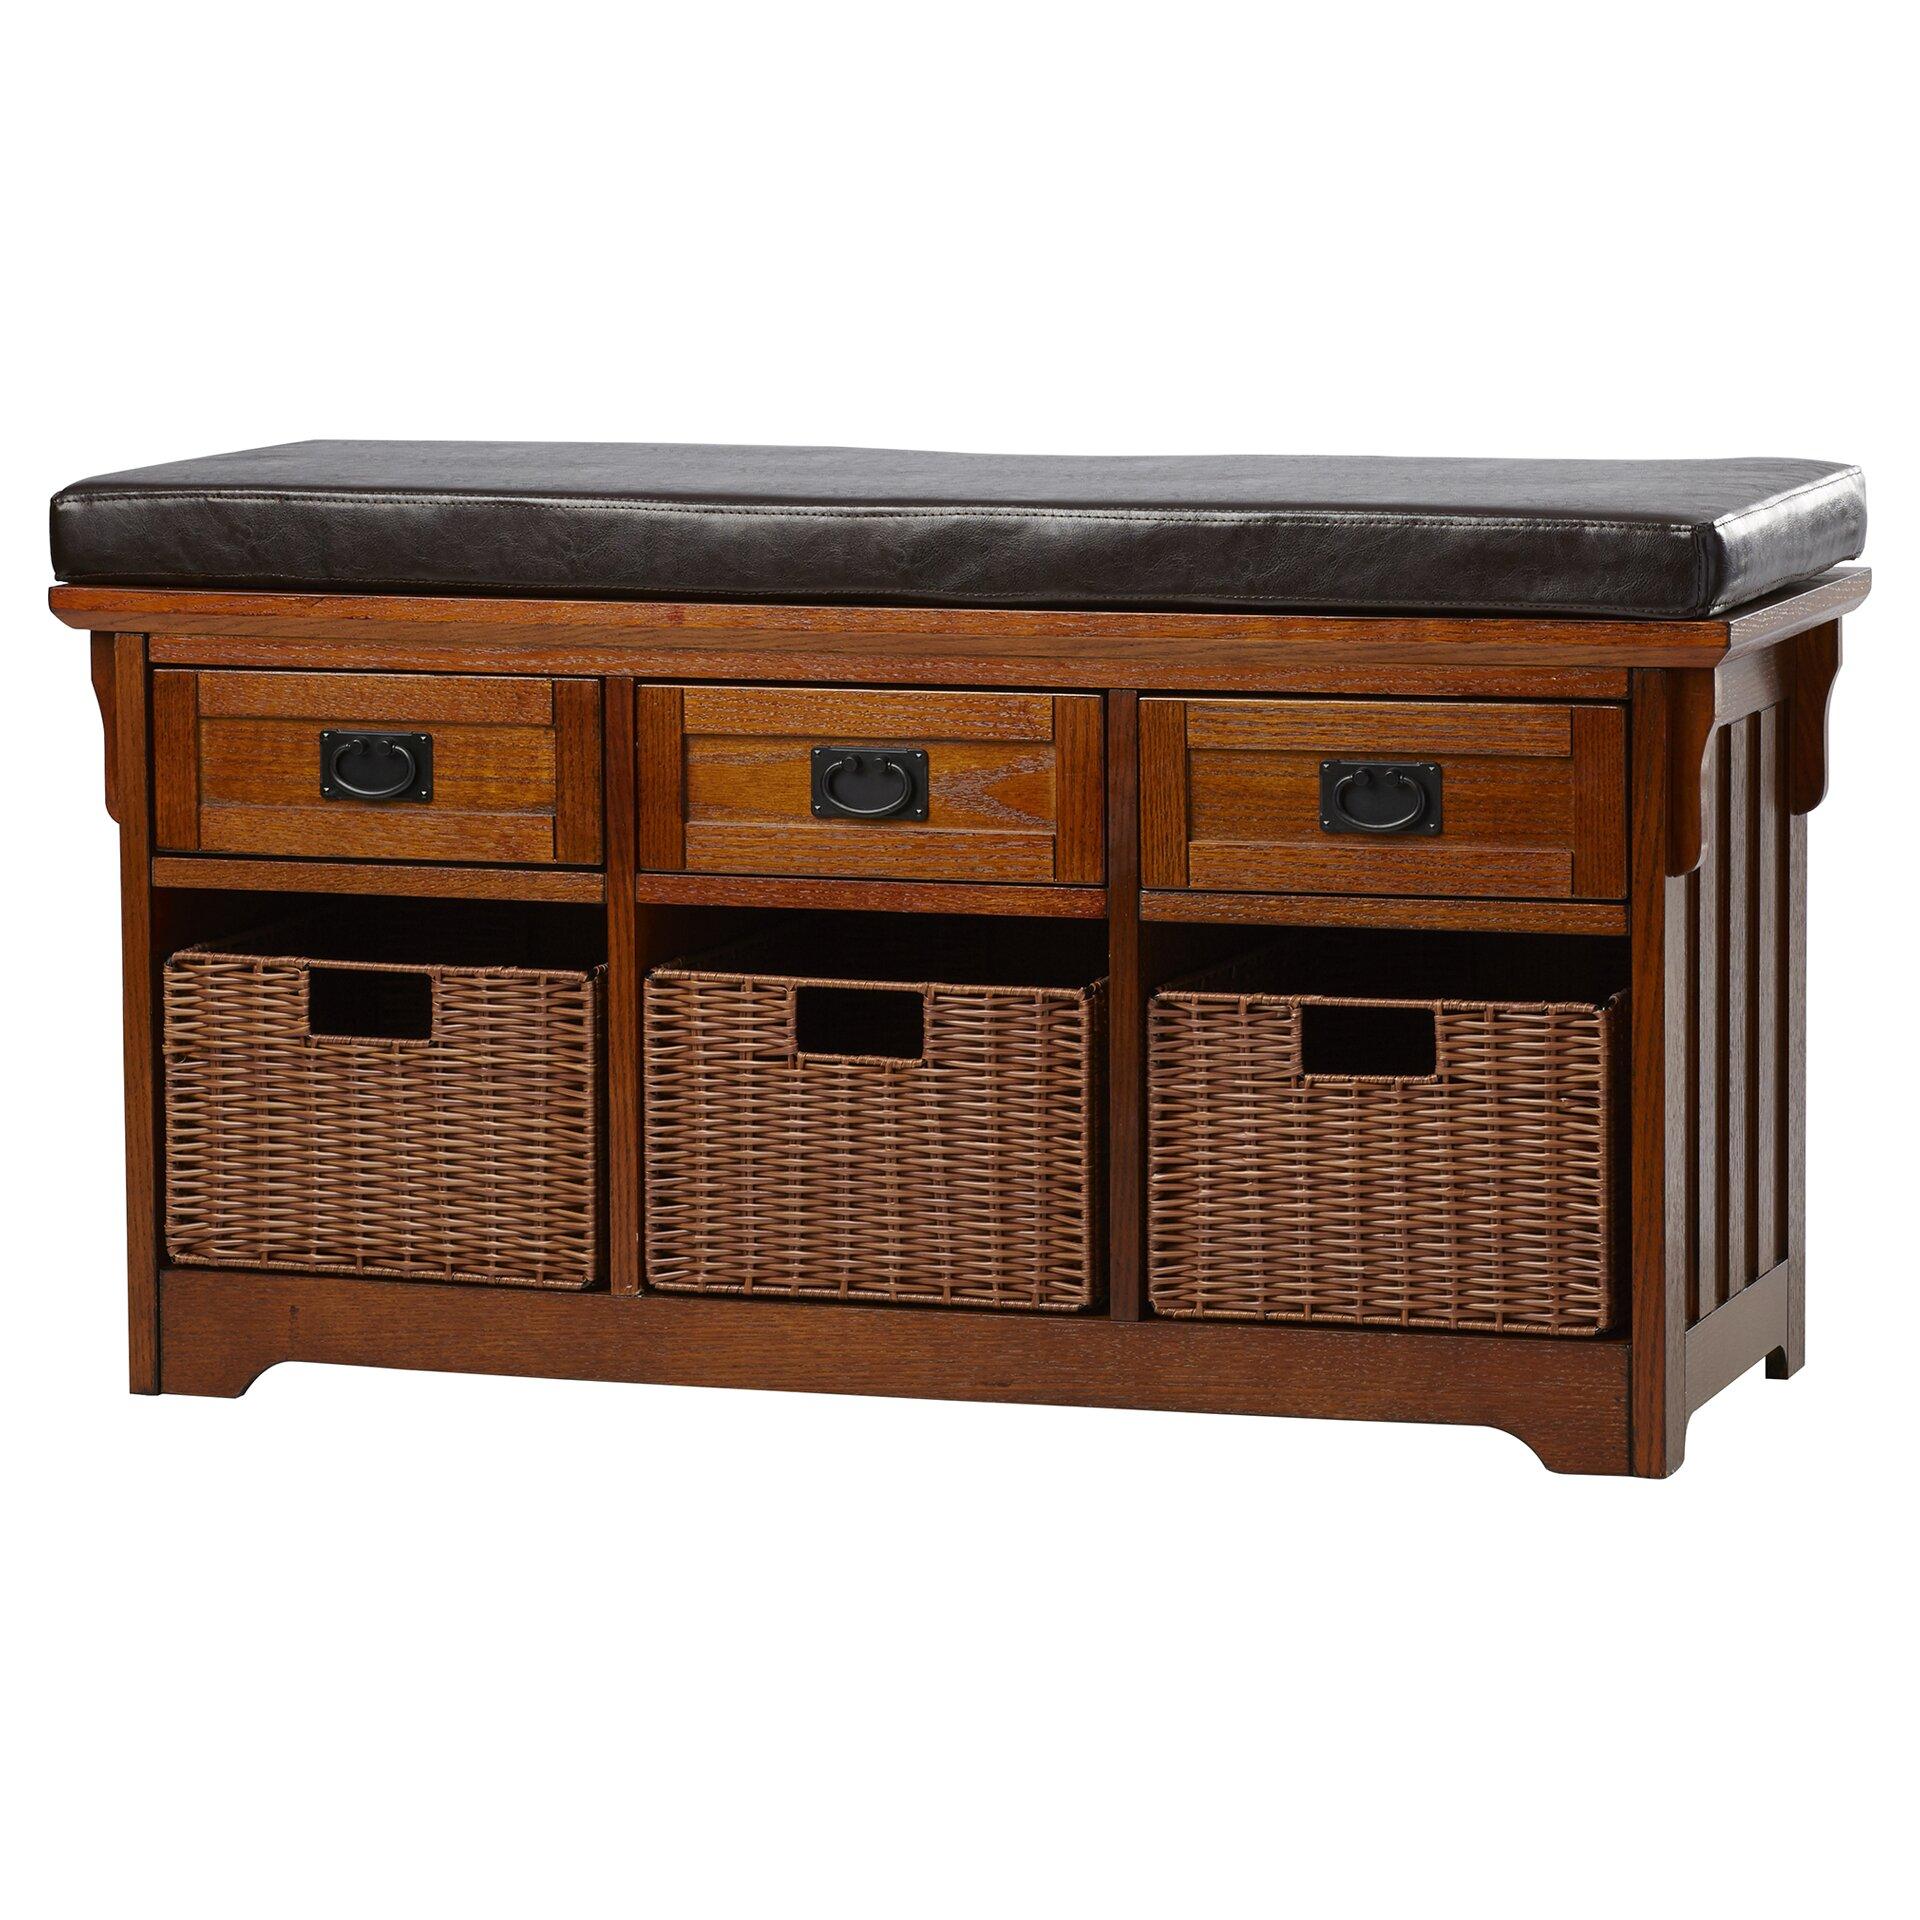 Loon Peak Hemlock Wooden Entryway Storage Bench Reviews Wayfair